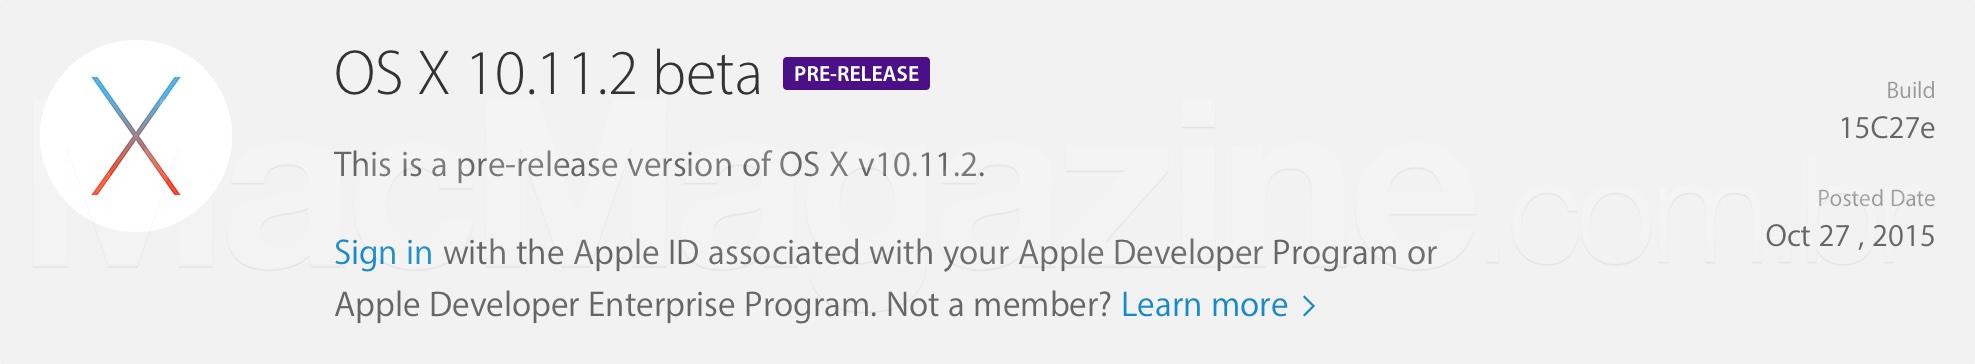 OS X 10.11.2 beta